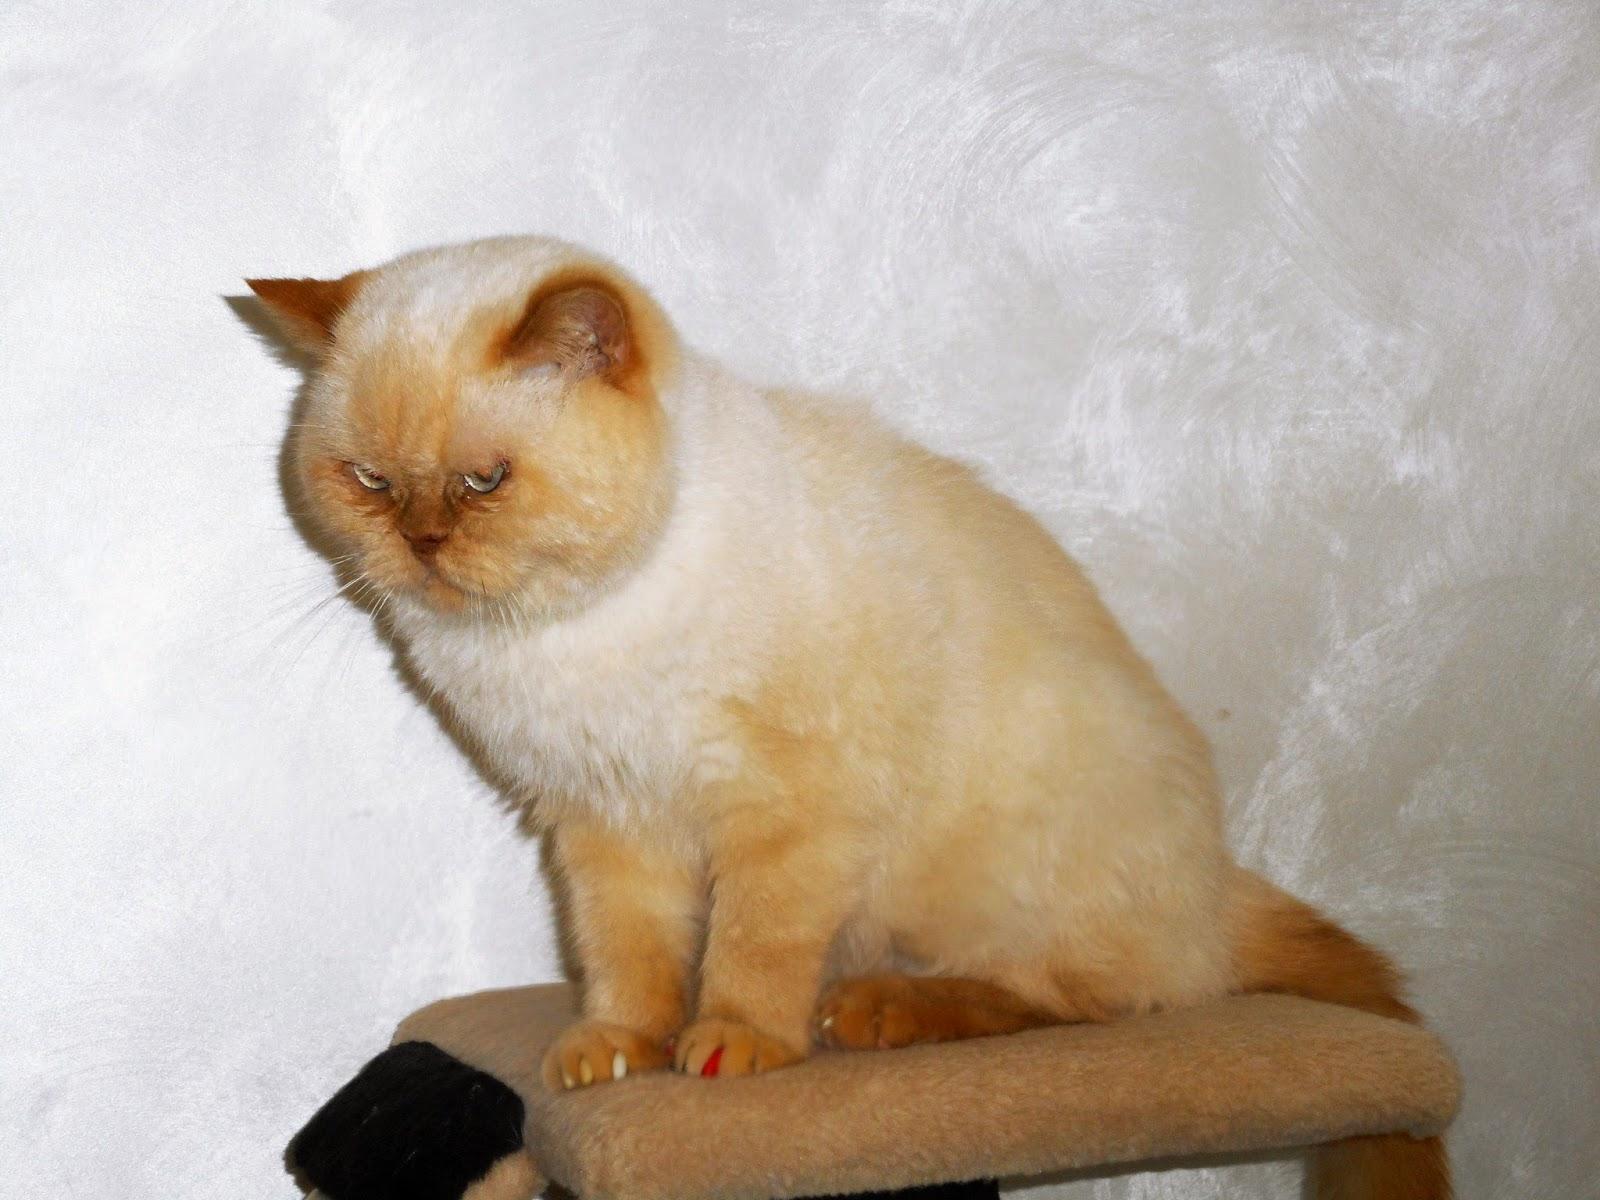 житель кото - кафе, грустит... хочется, наверное, в свой дом...